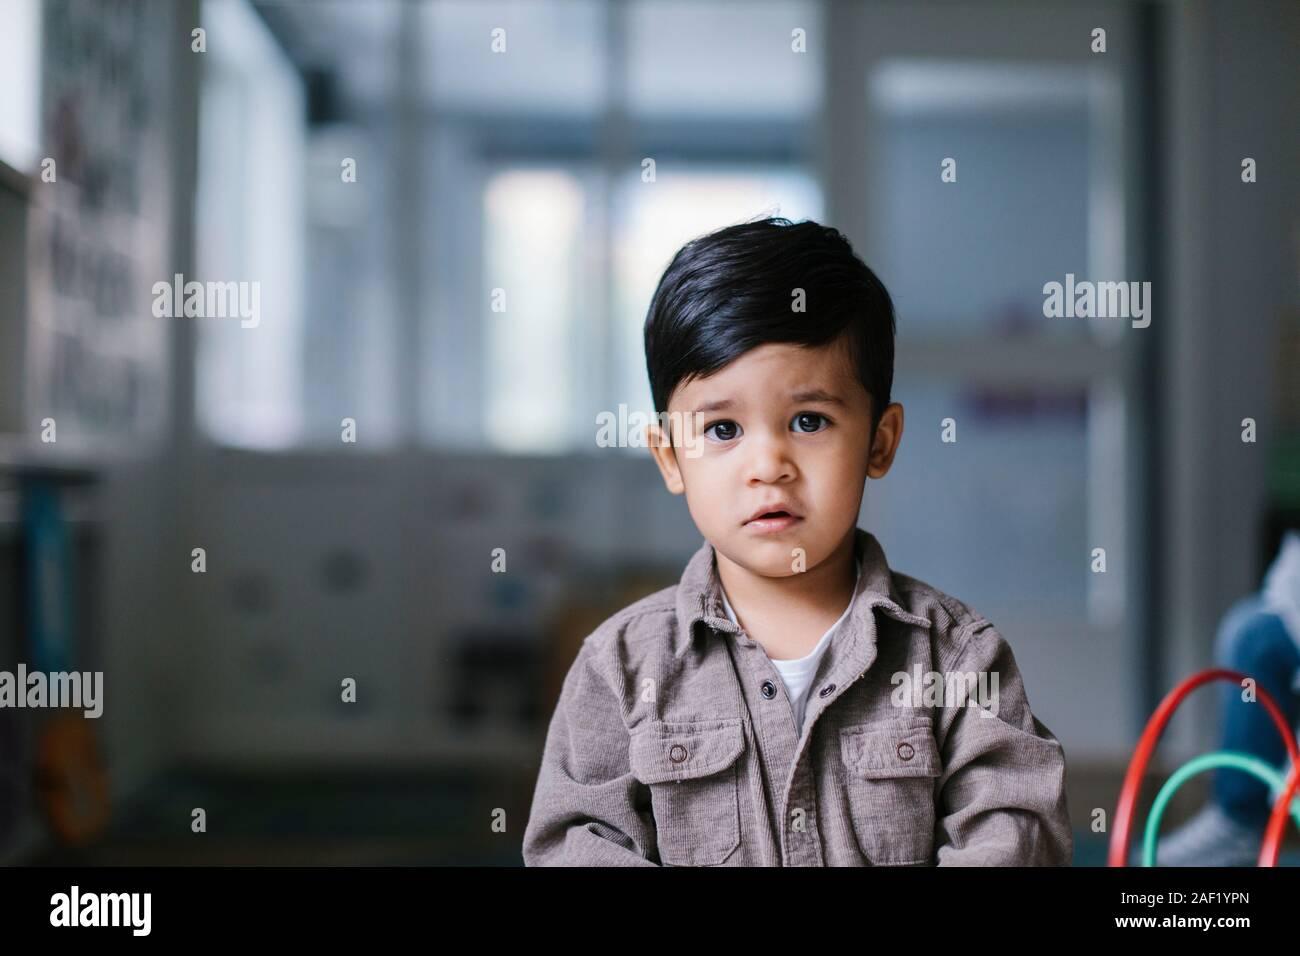 Boy looking at camera Stock Photo